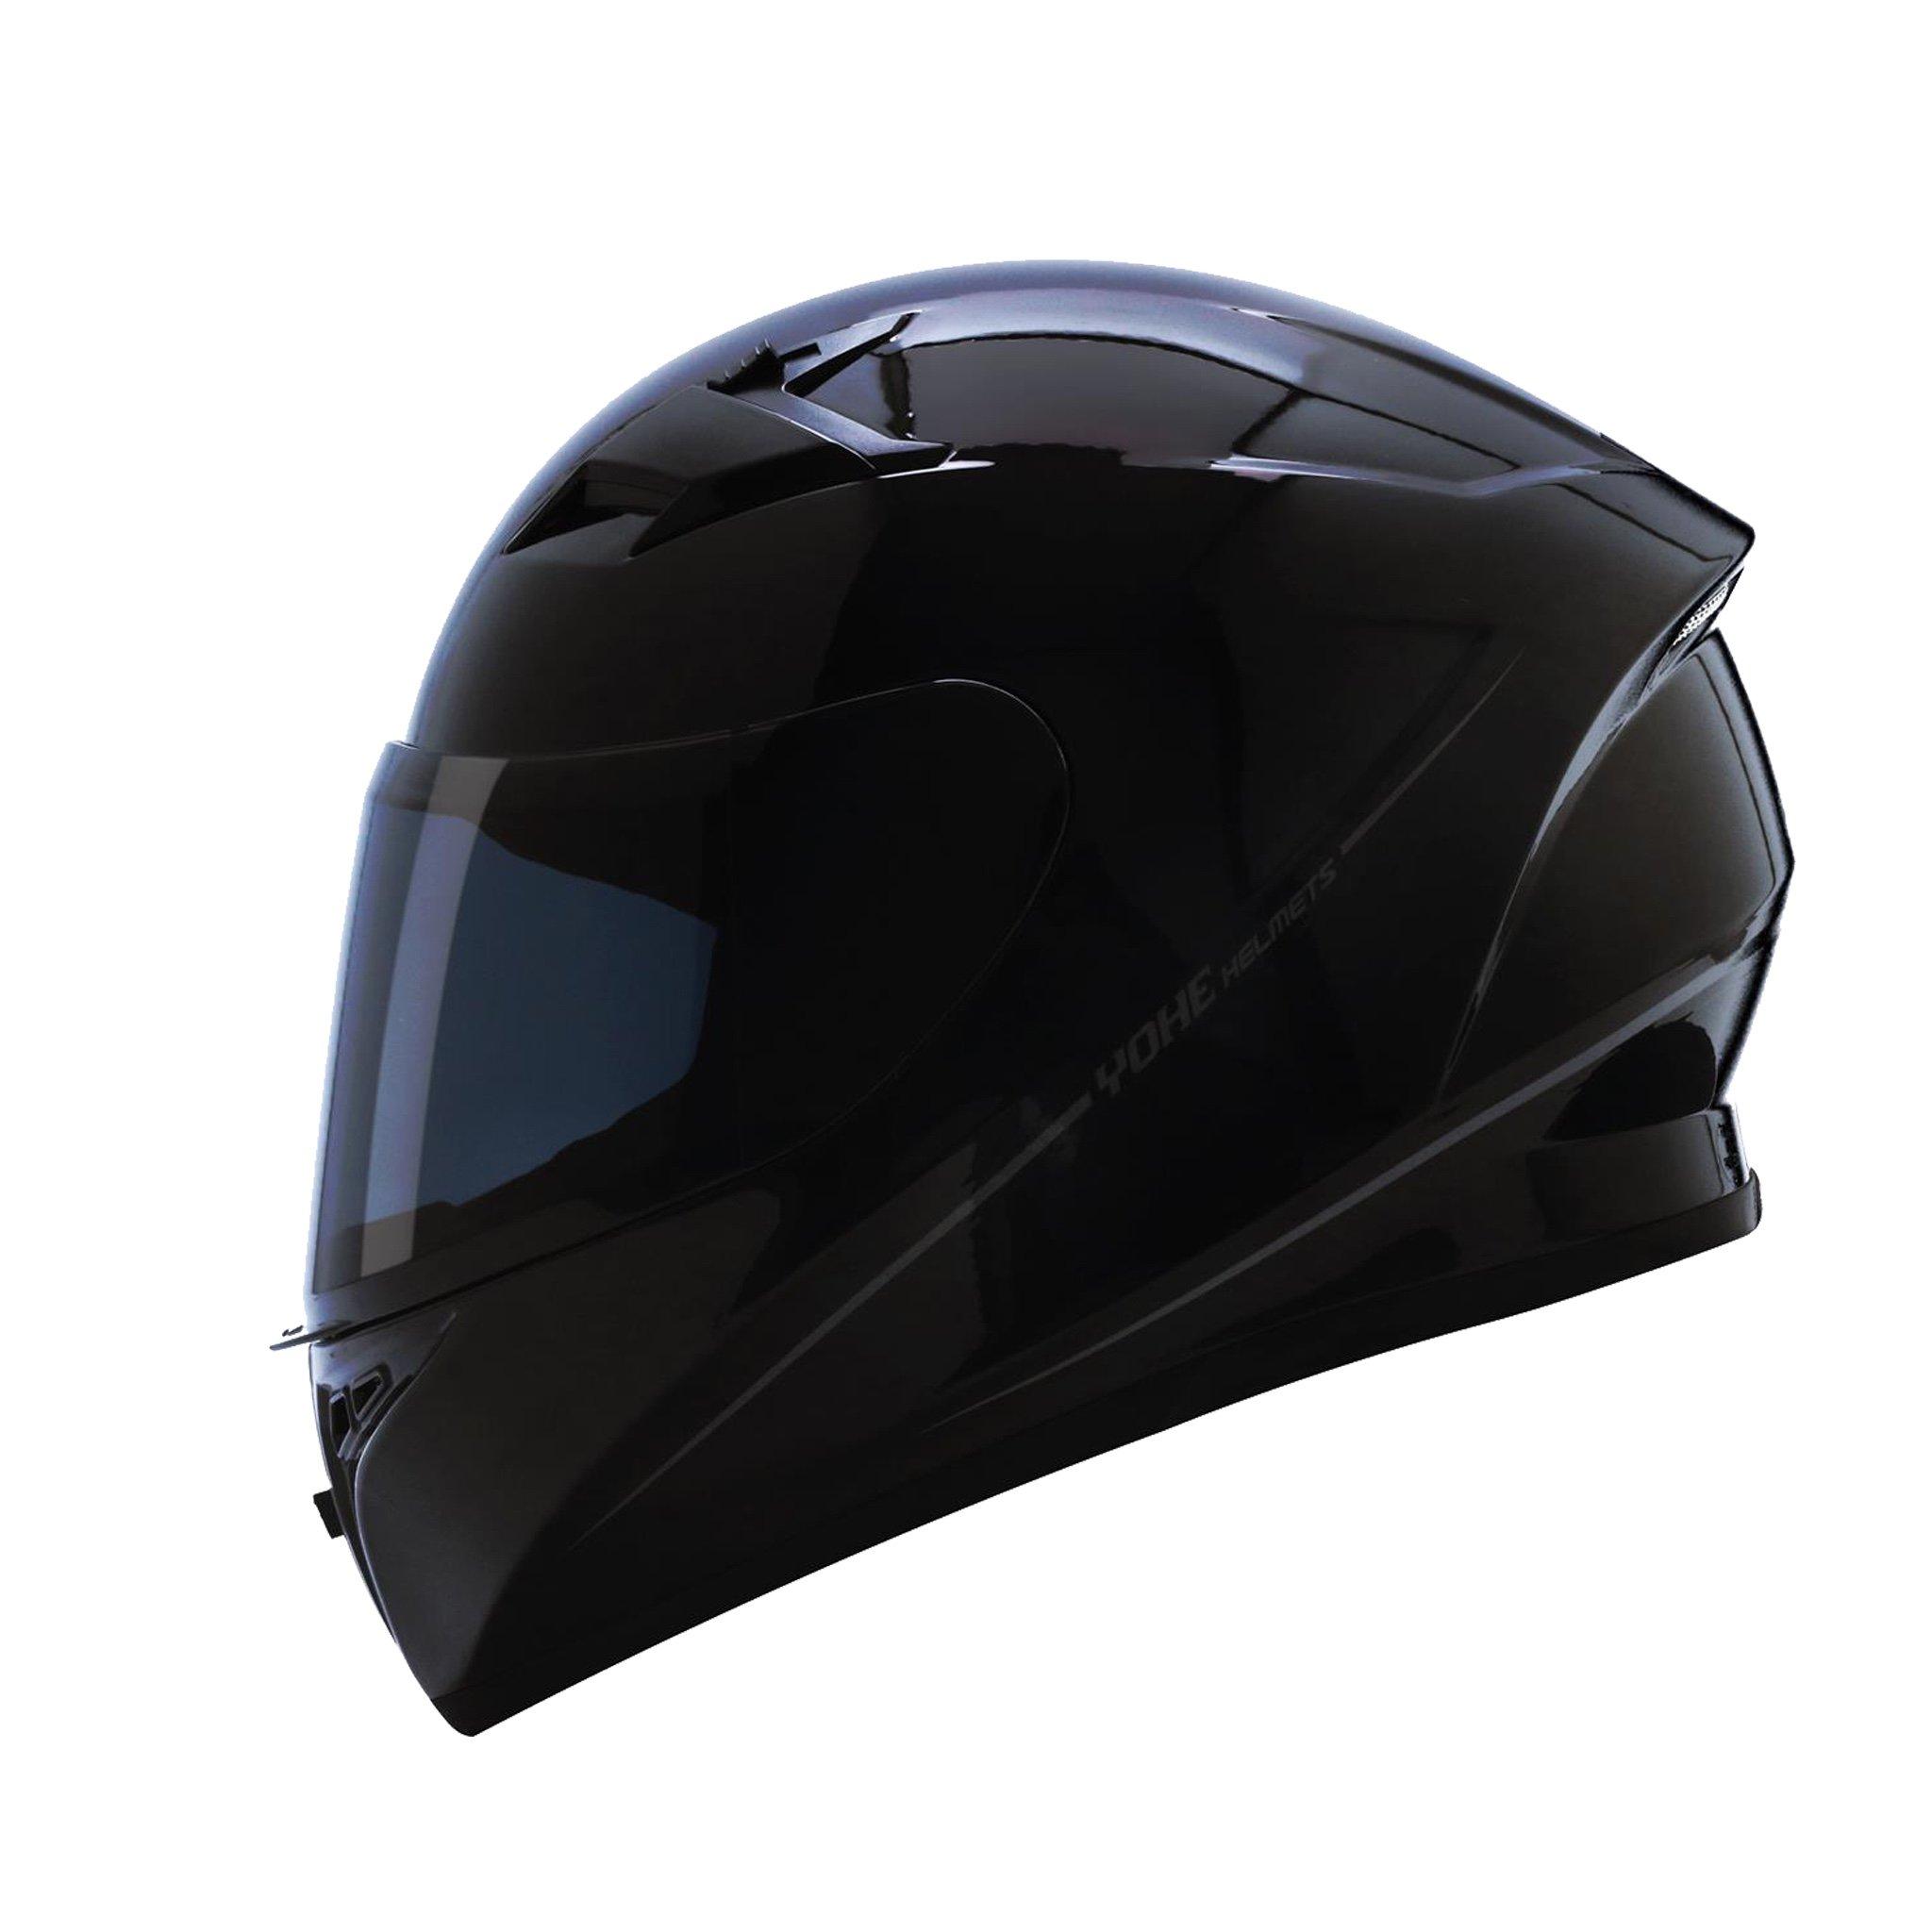 Mũ bảo hiểm fullface Yohe 978 Storm (đen bóng)